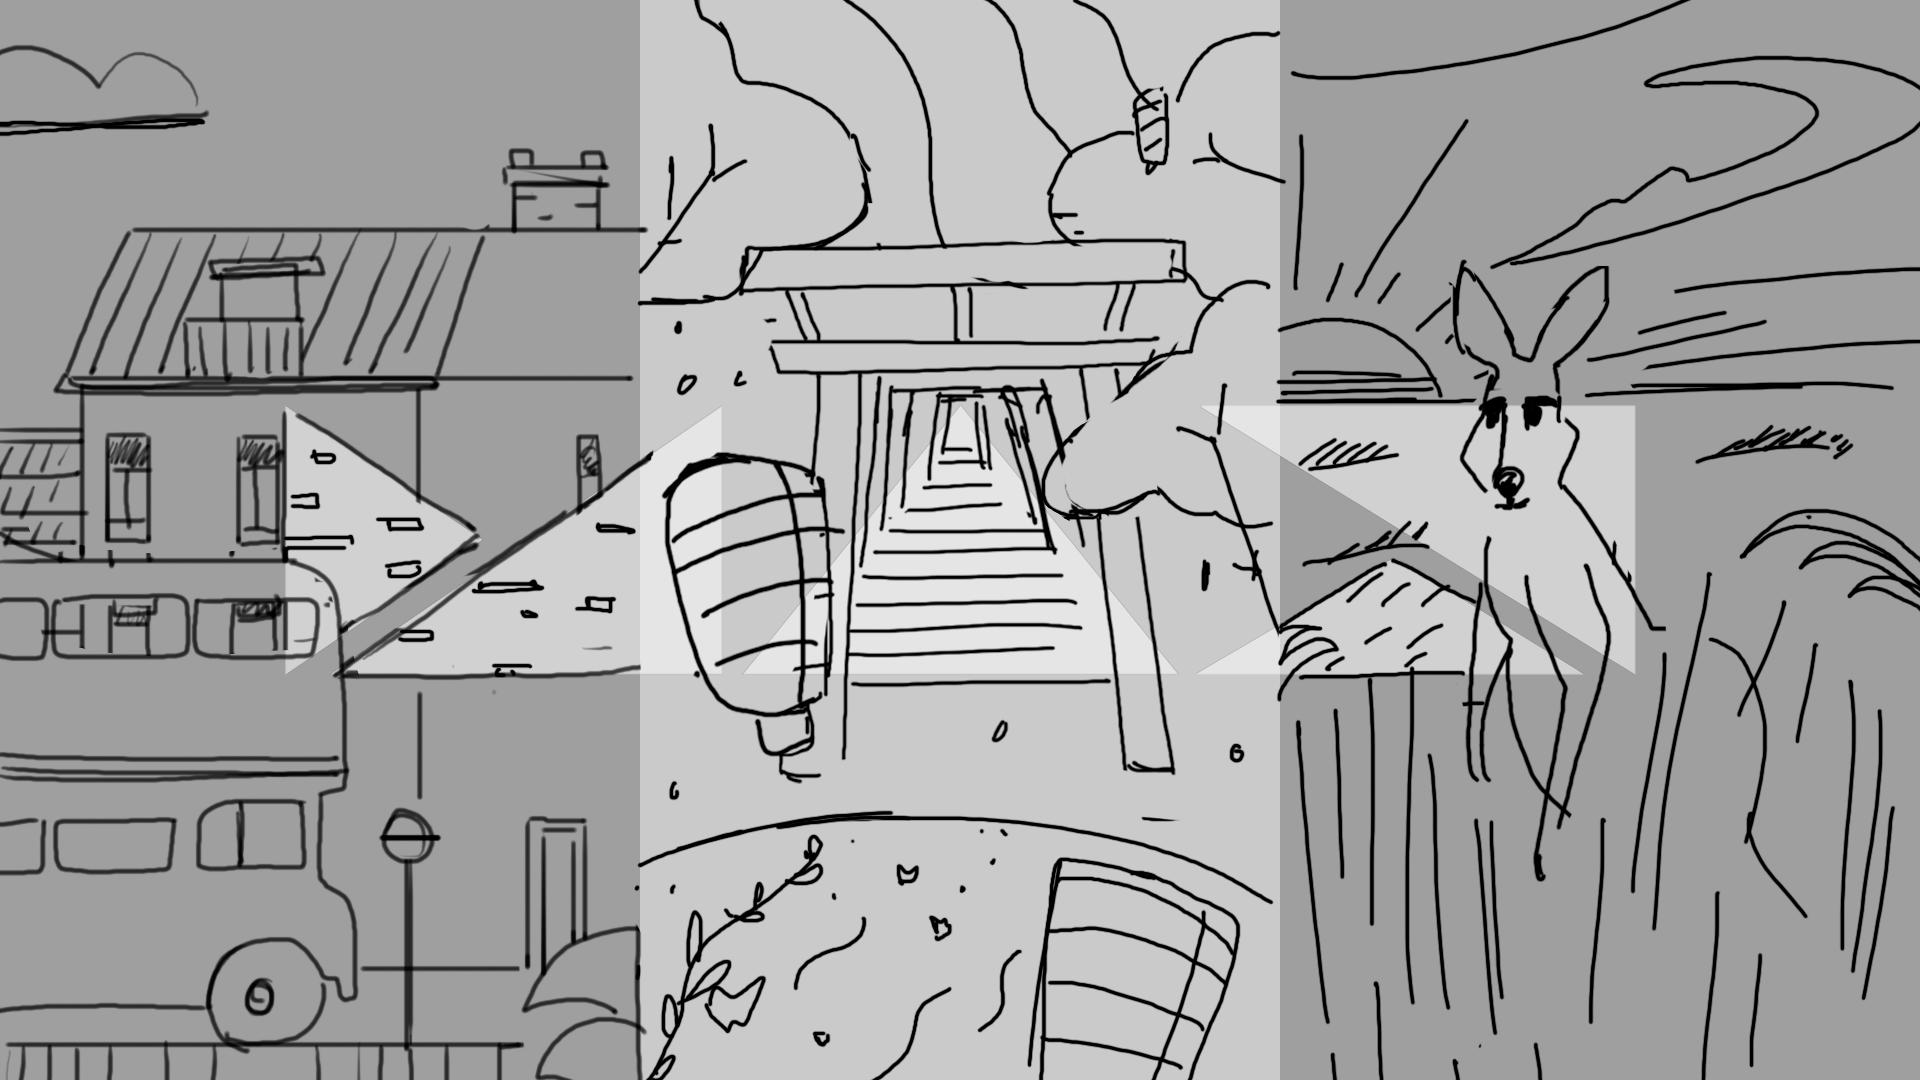 Adobe Bifold Sketch 01